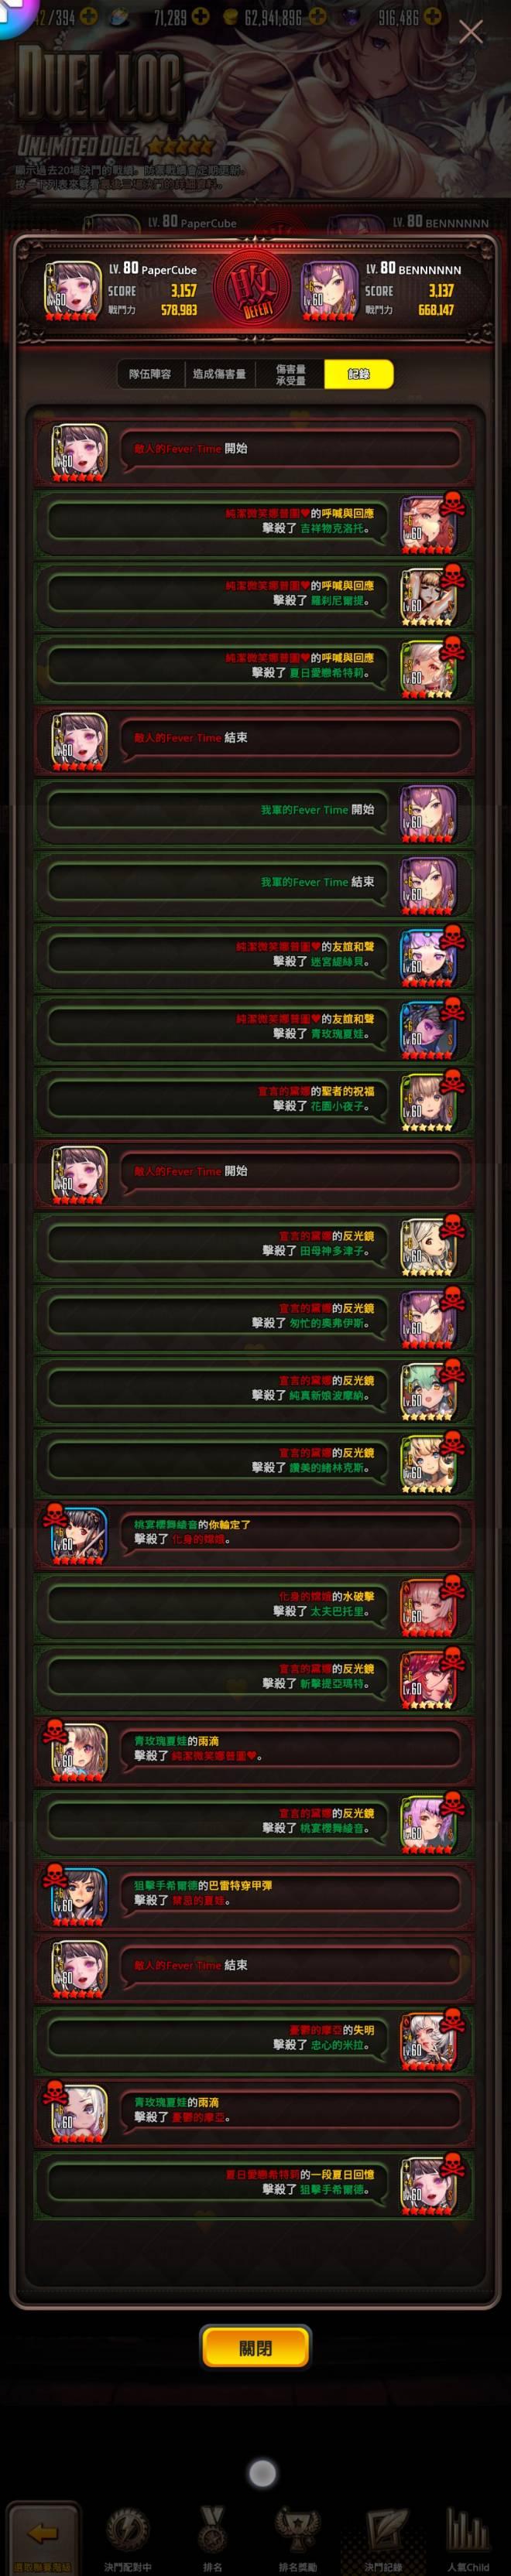 命運之子: 討論區 - 亂鬥問題 image 2